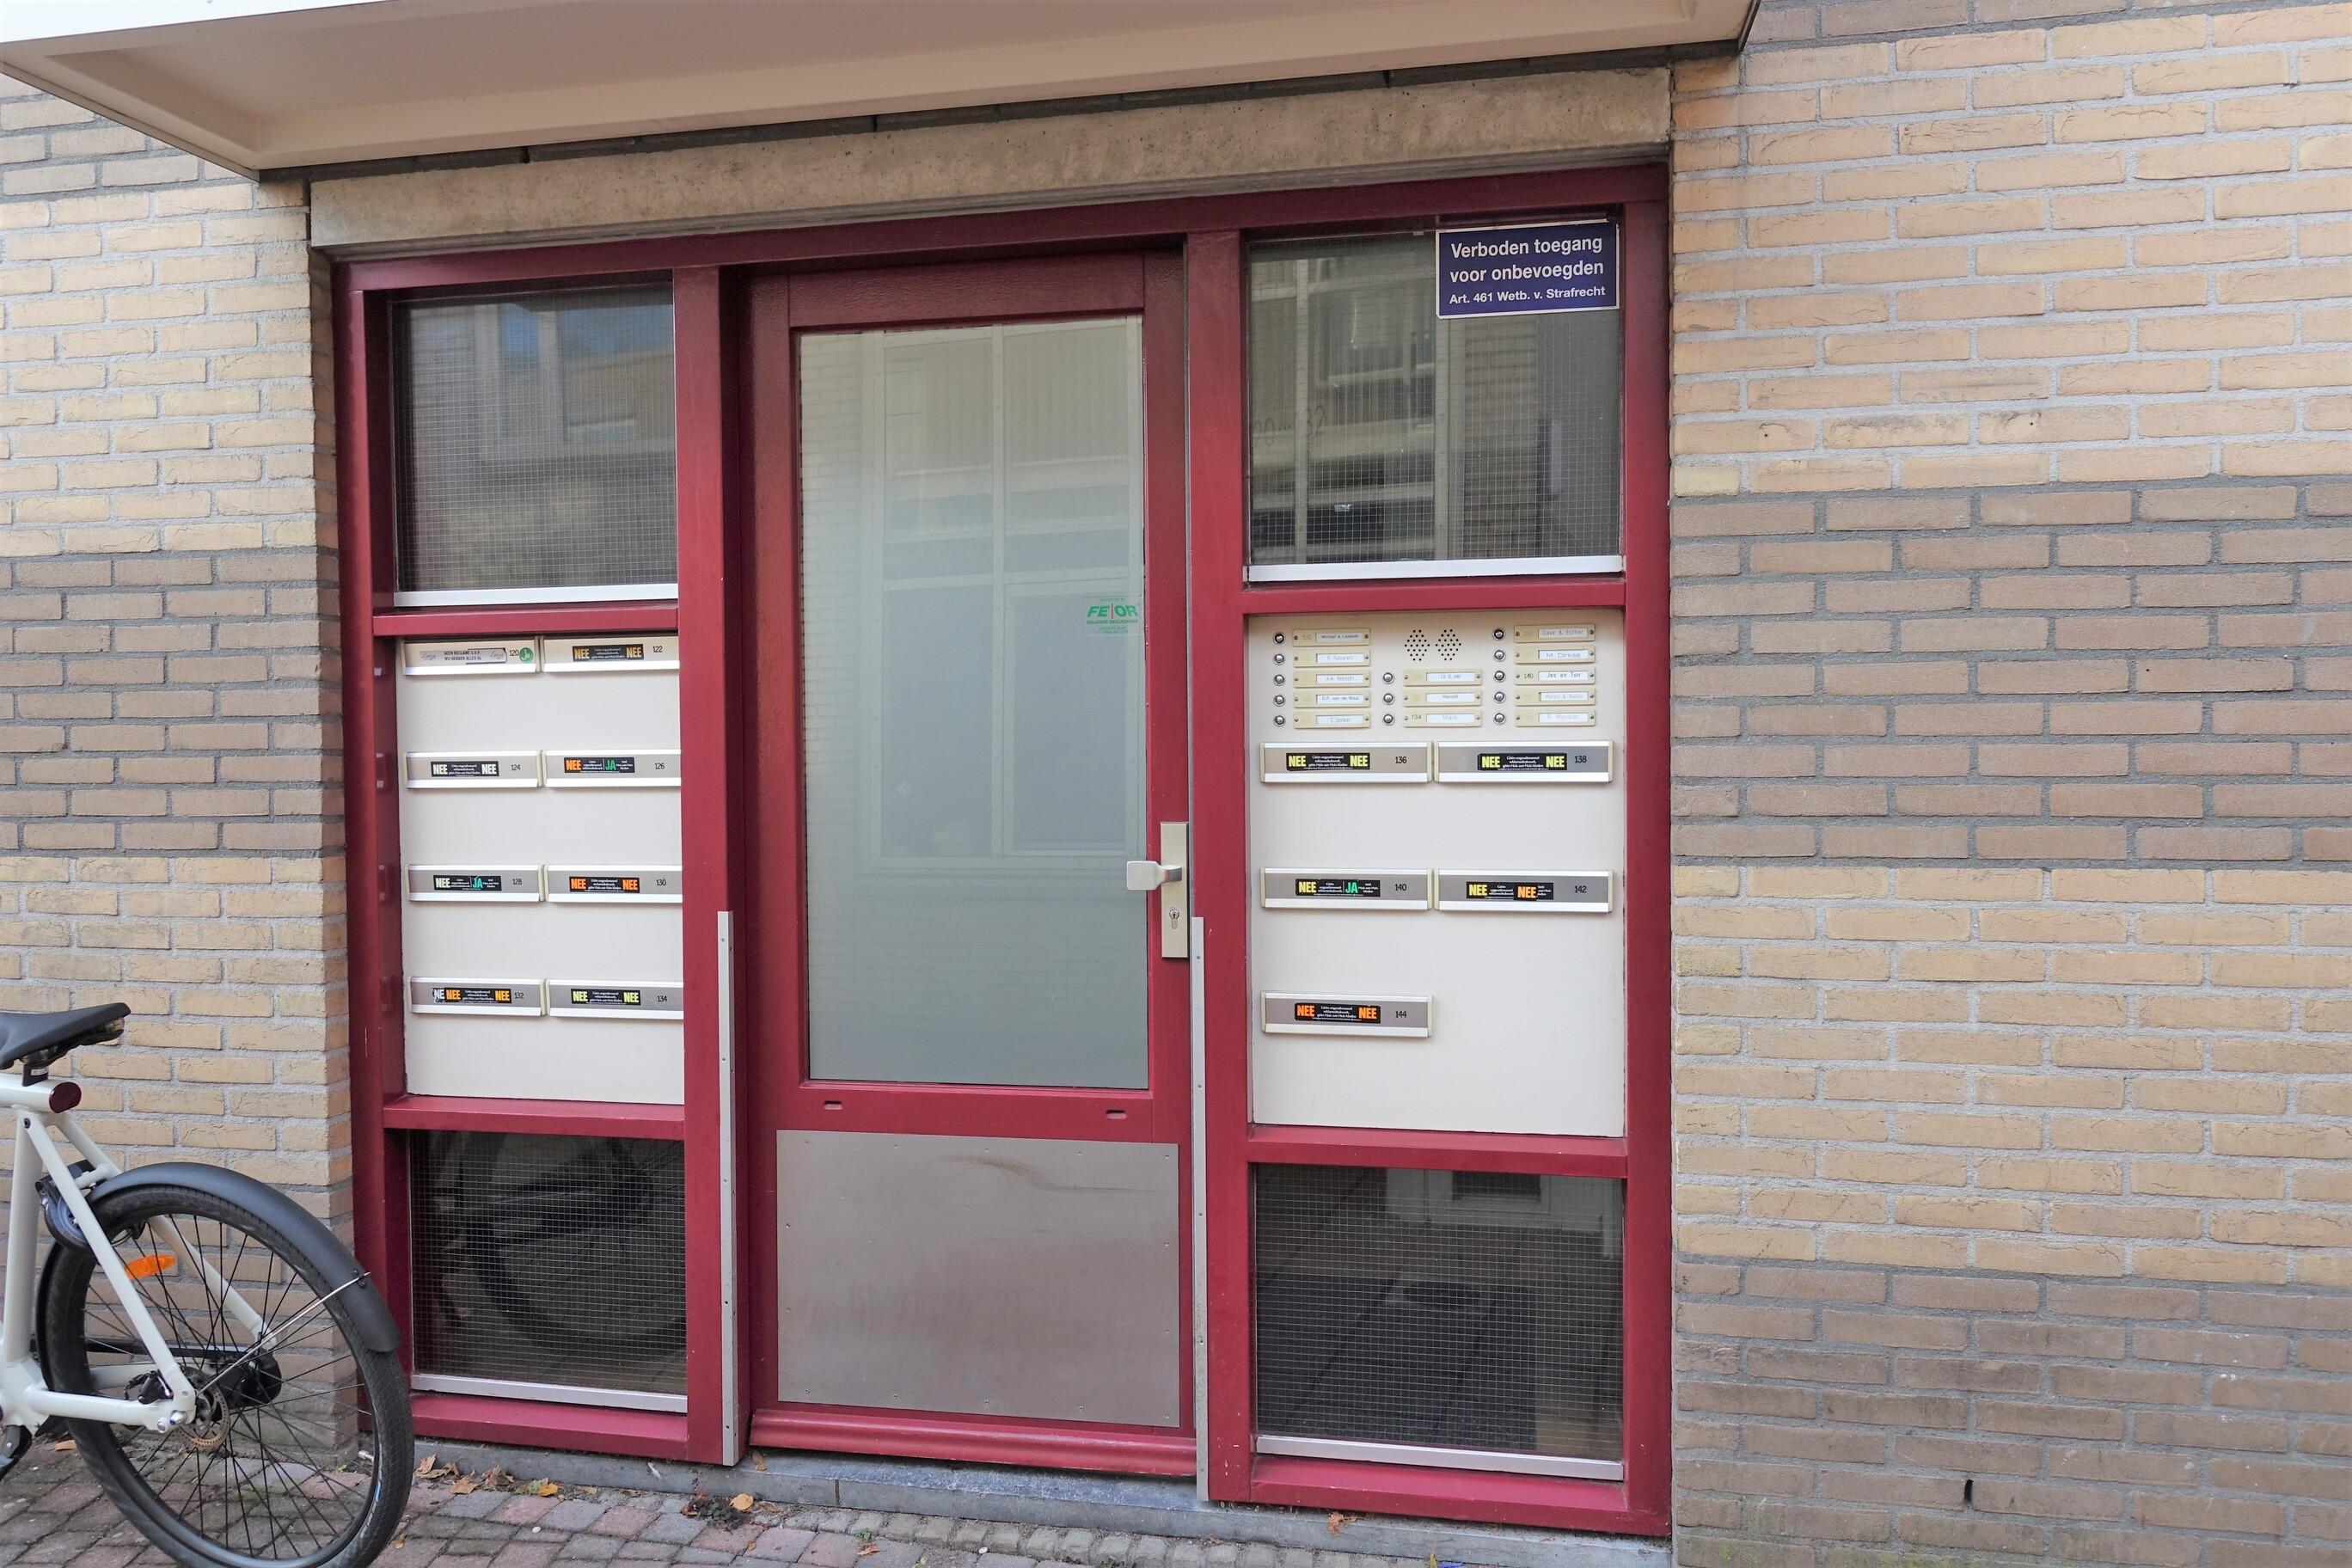 Gasthuisstraat, Utrecht